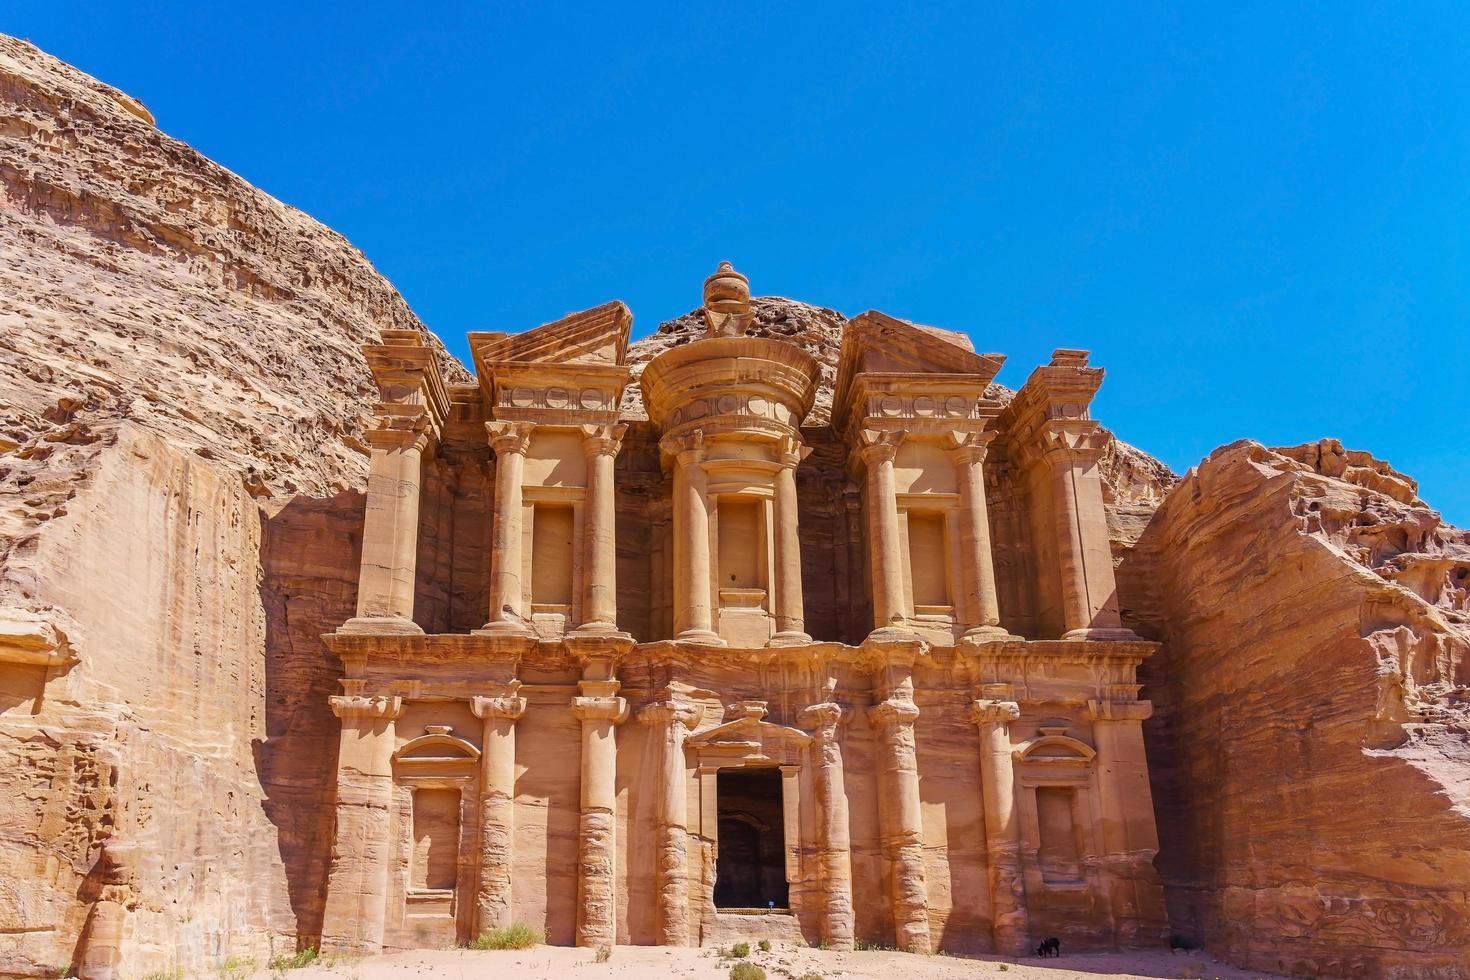 famosa facciata dell'ad deir nell'antica città di petra, in giordania foto